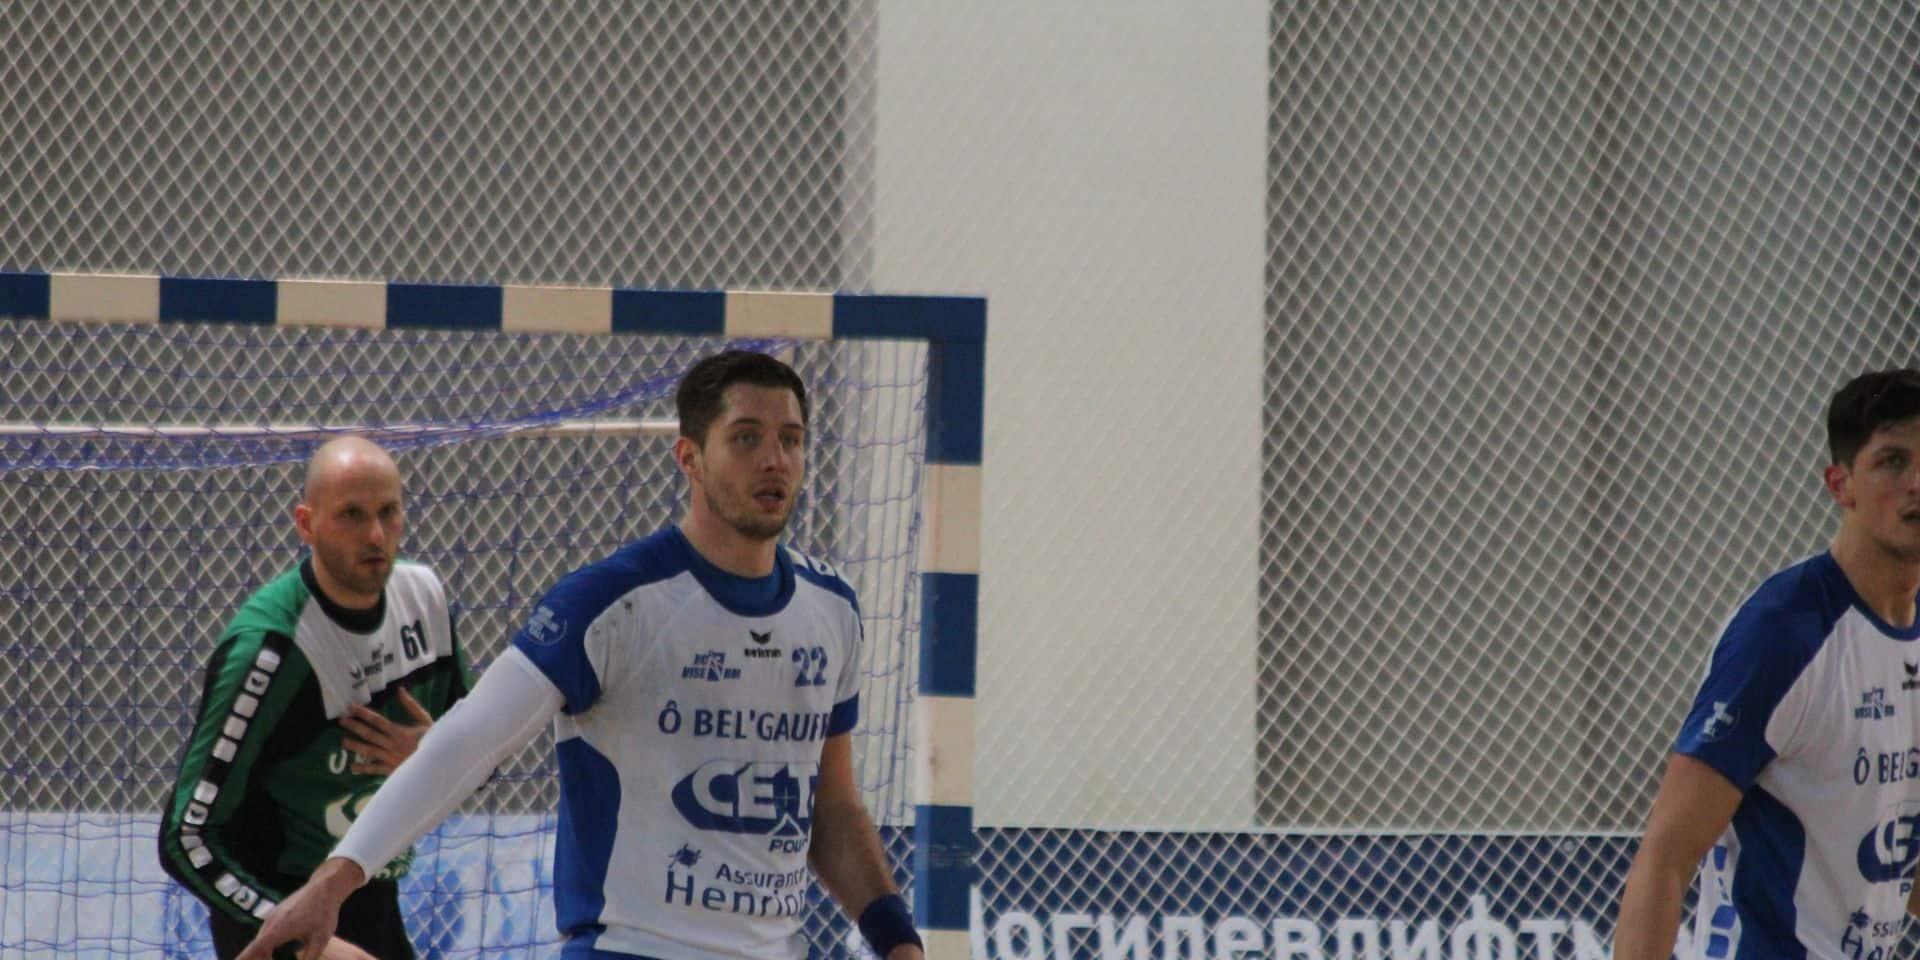 Handball: 3 Visétois dans la présélection pour Belgique-Suisse